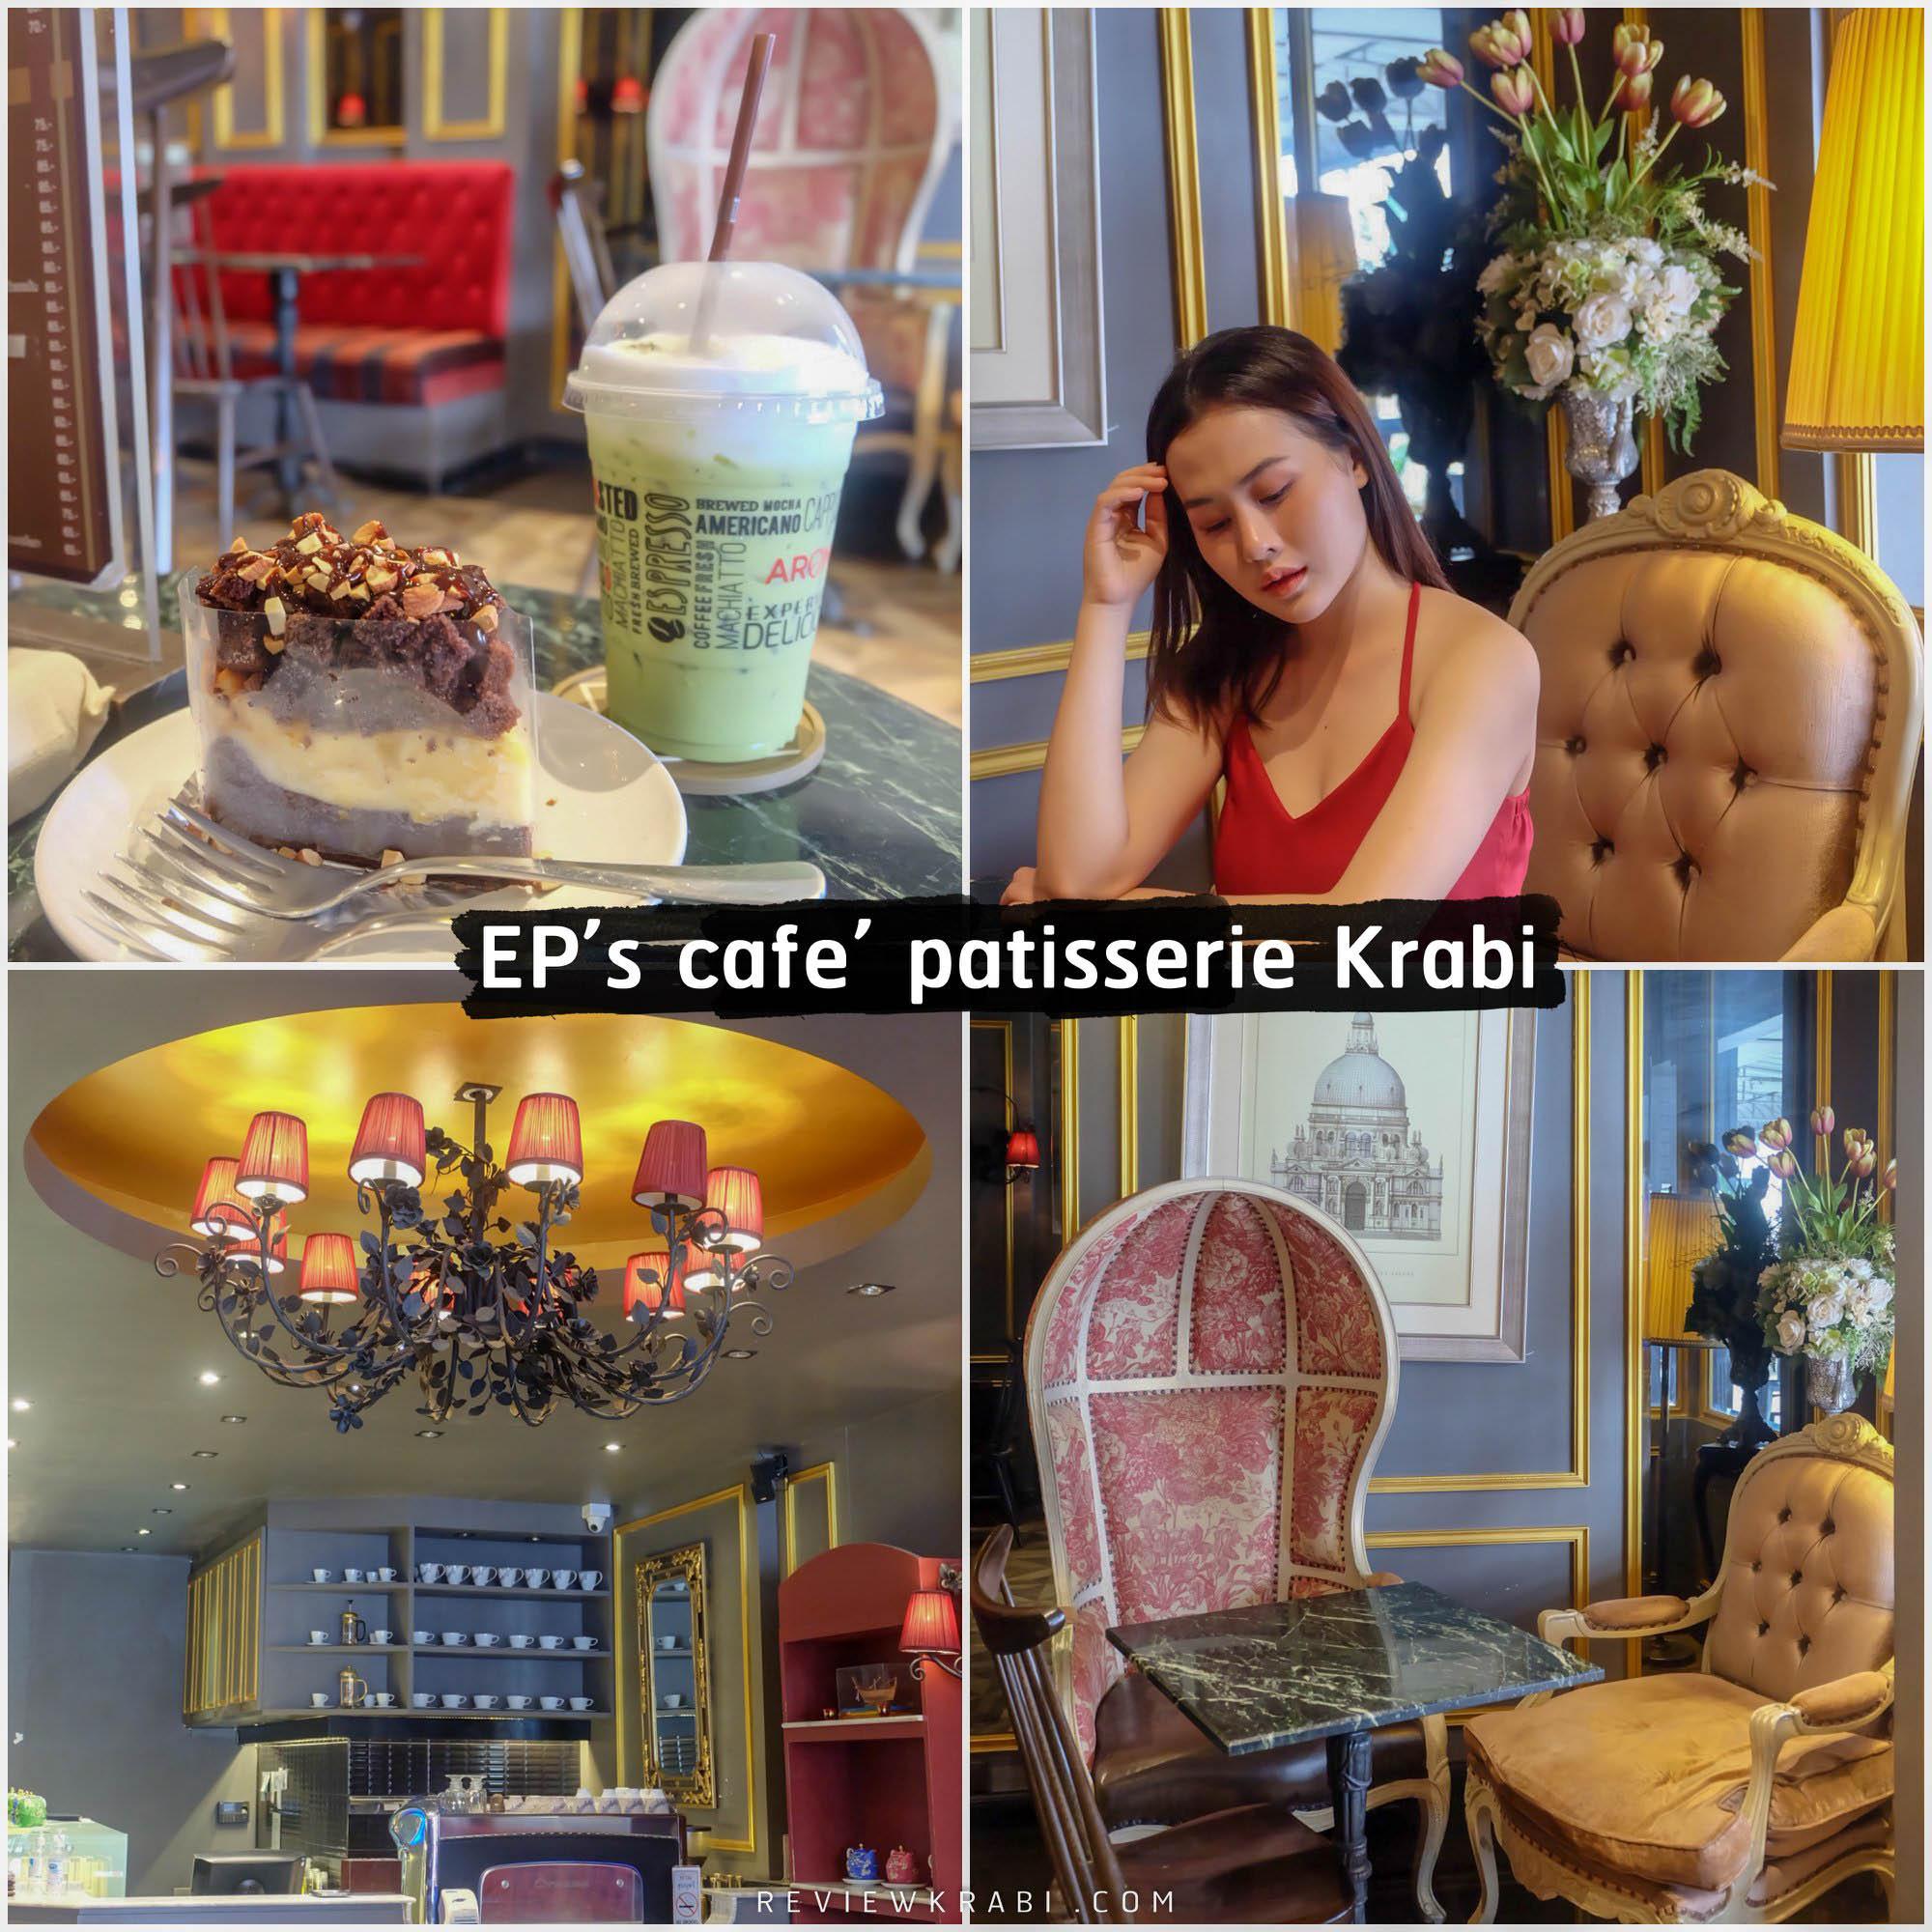 EP-s-Cafe--patisserie ปักหมุดเช็คอิน-EP-s-Cafe--patisserie-ร้านเรียบหรู-มีสไตล์-ราคาไม่แพงสบายกระเป๋า-ใครที่อยากไปร้านหรูๆแบบนี้ต้องติดว่าราคามันจะแพงมากหรือป่าวแต่ไม่ต้องห่วงไปเลยเพราะราคาไม่ได้แพงอย่างที่คิดแน่นอนด้วยสไตล์ร้านที่ดูแพงขนาดนี้-ไม่ผิดหวังแน่นอนเรื่องรสชาติ  กระบี่,จุดเช็คอิน,ที่เที่ยว,ร้านกาแฟ,คาเฟ่,ทะเล,ภูเขา